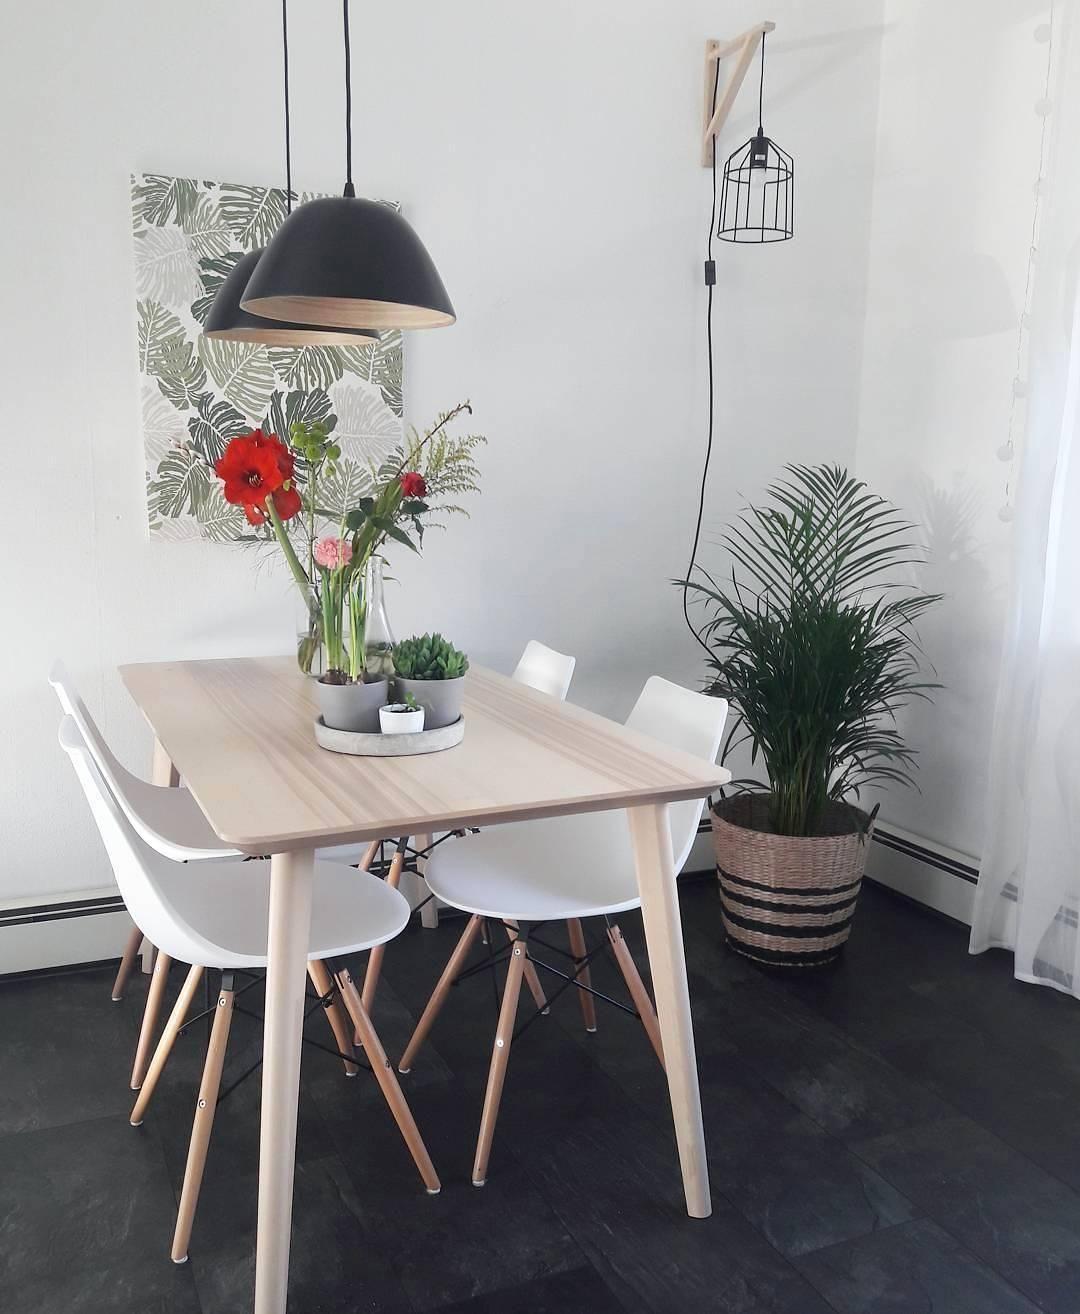 take a seat der esstisch malou berzeugt durch sein skandinavisches design aus wundersch nem. Black Bedroom Furniture Sets. Home Design Ideas